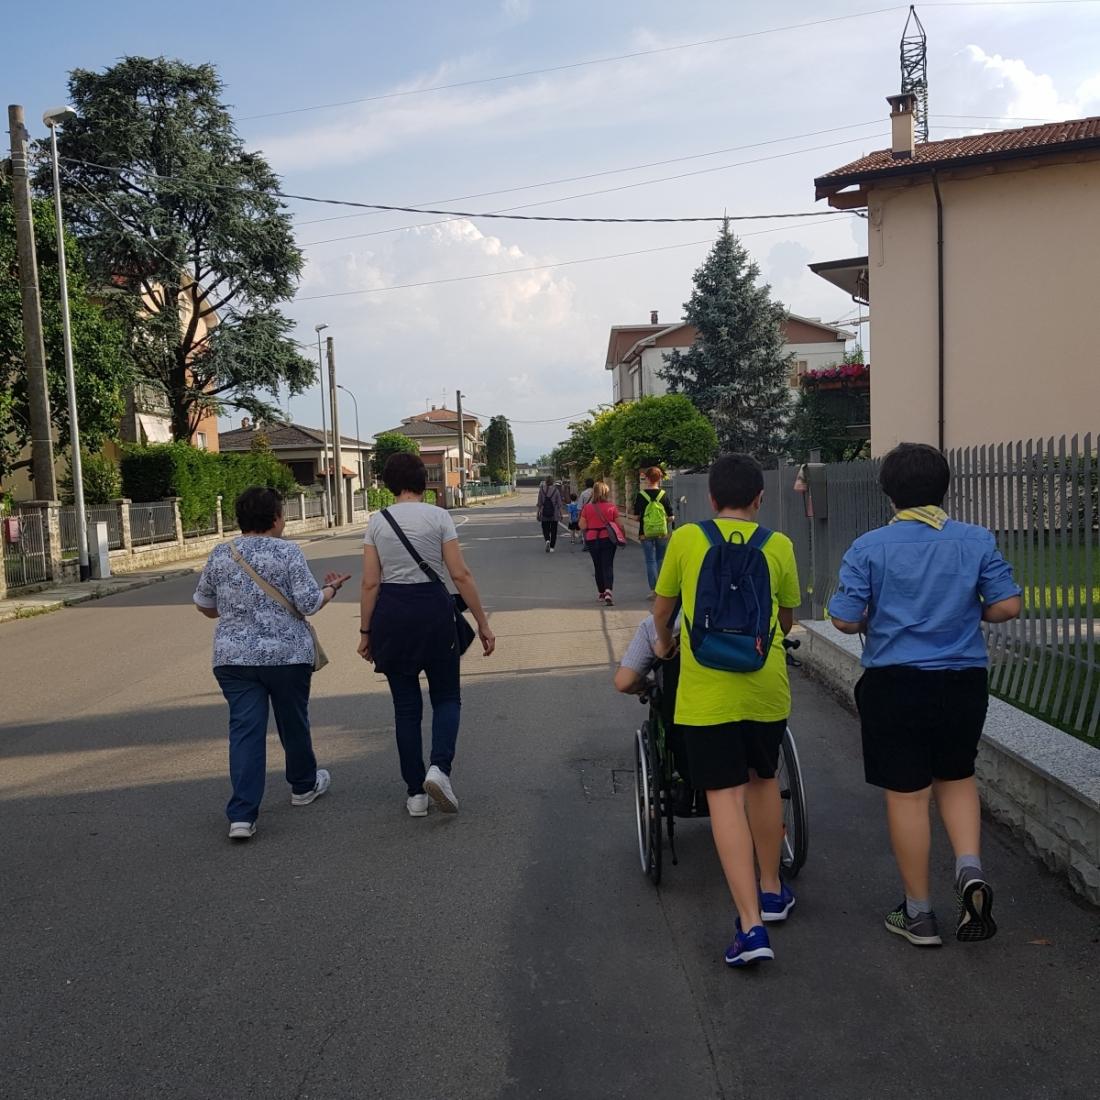 Pellegrinaggio Paderna 2018 (6)